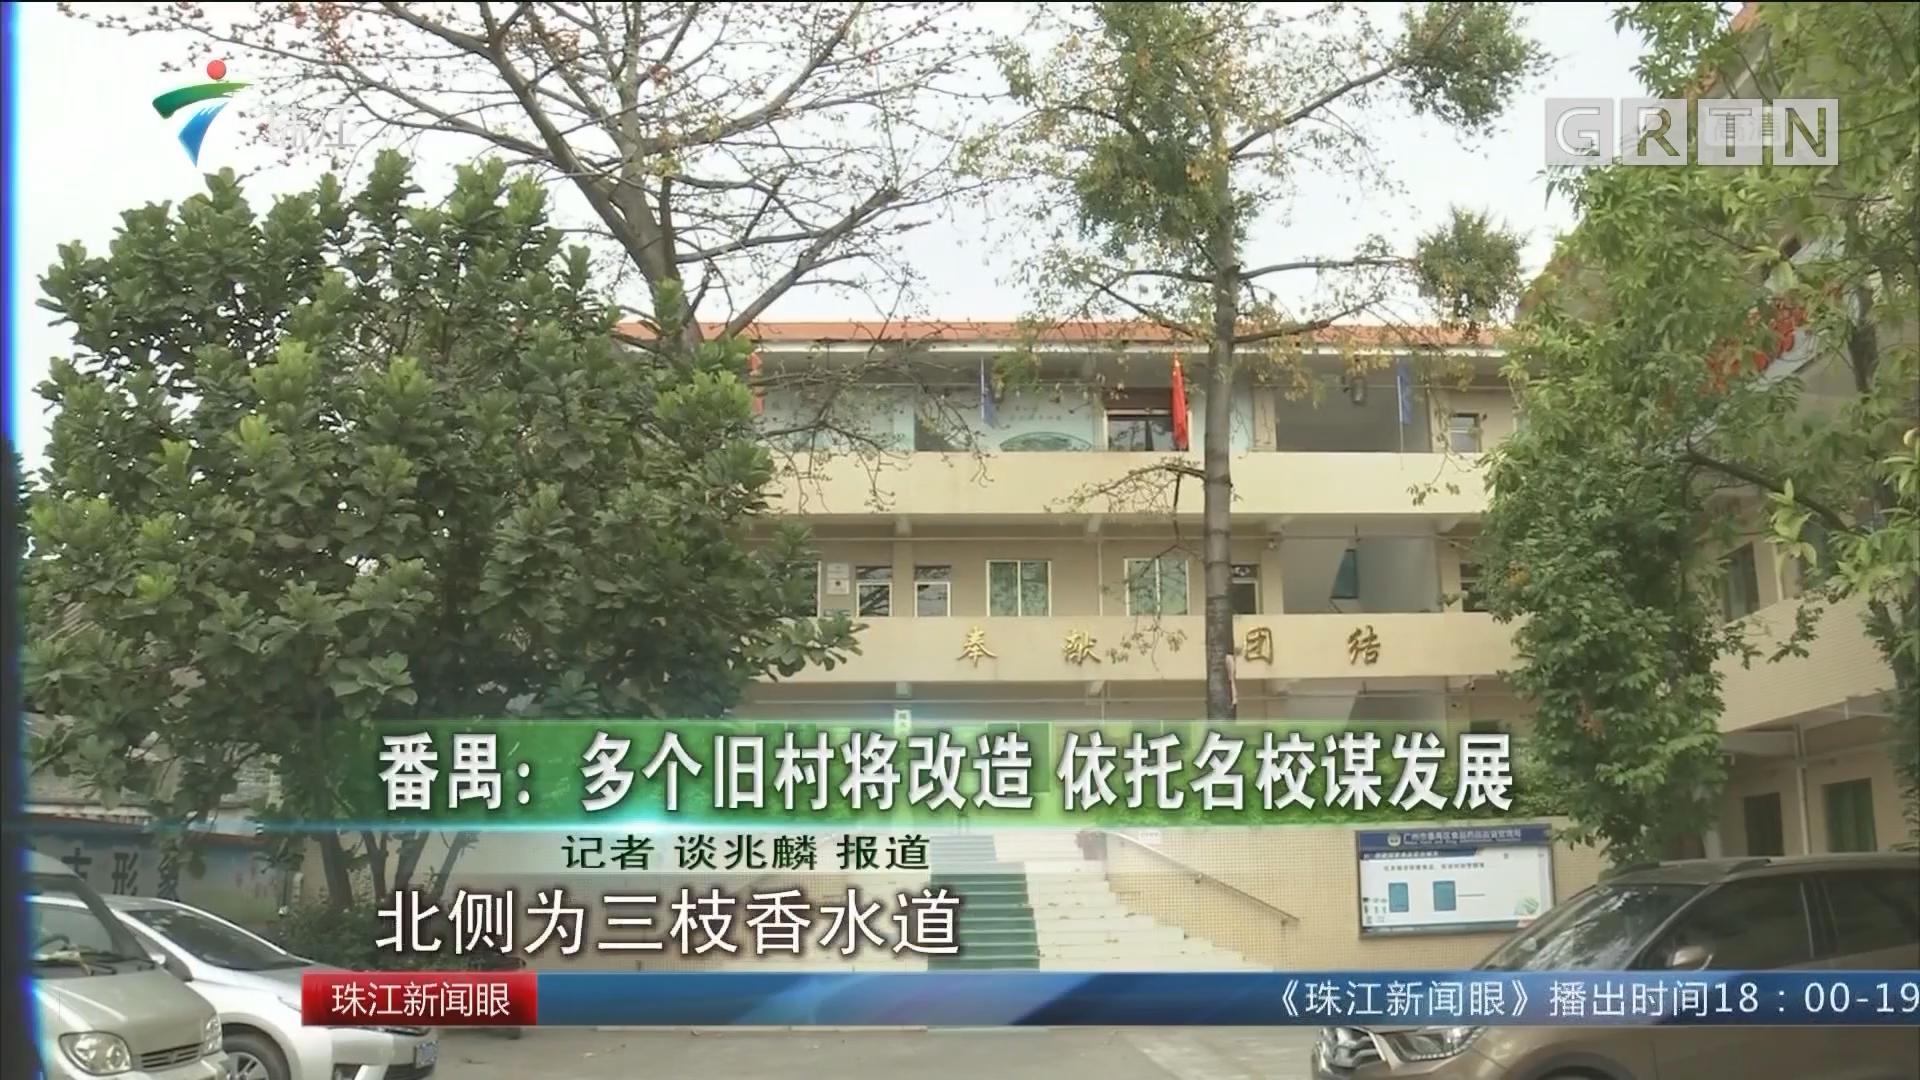 番禺:多个旧村将改造 依托名校谋发展